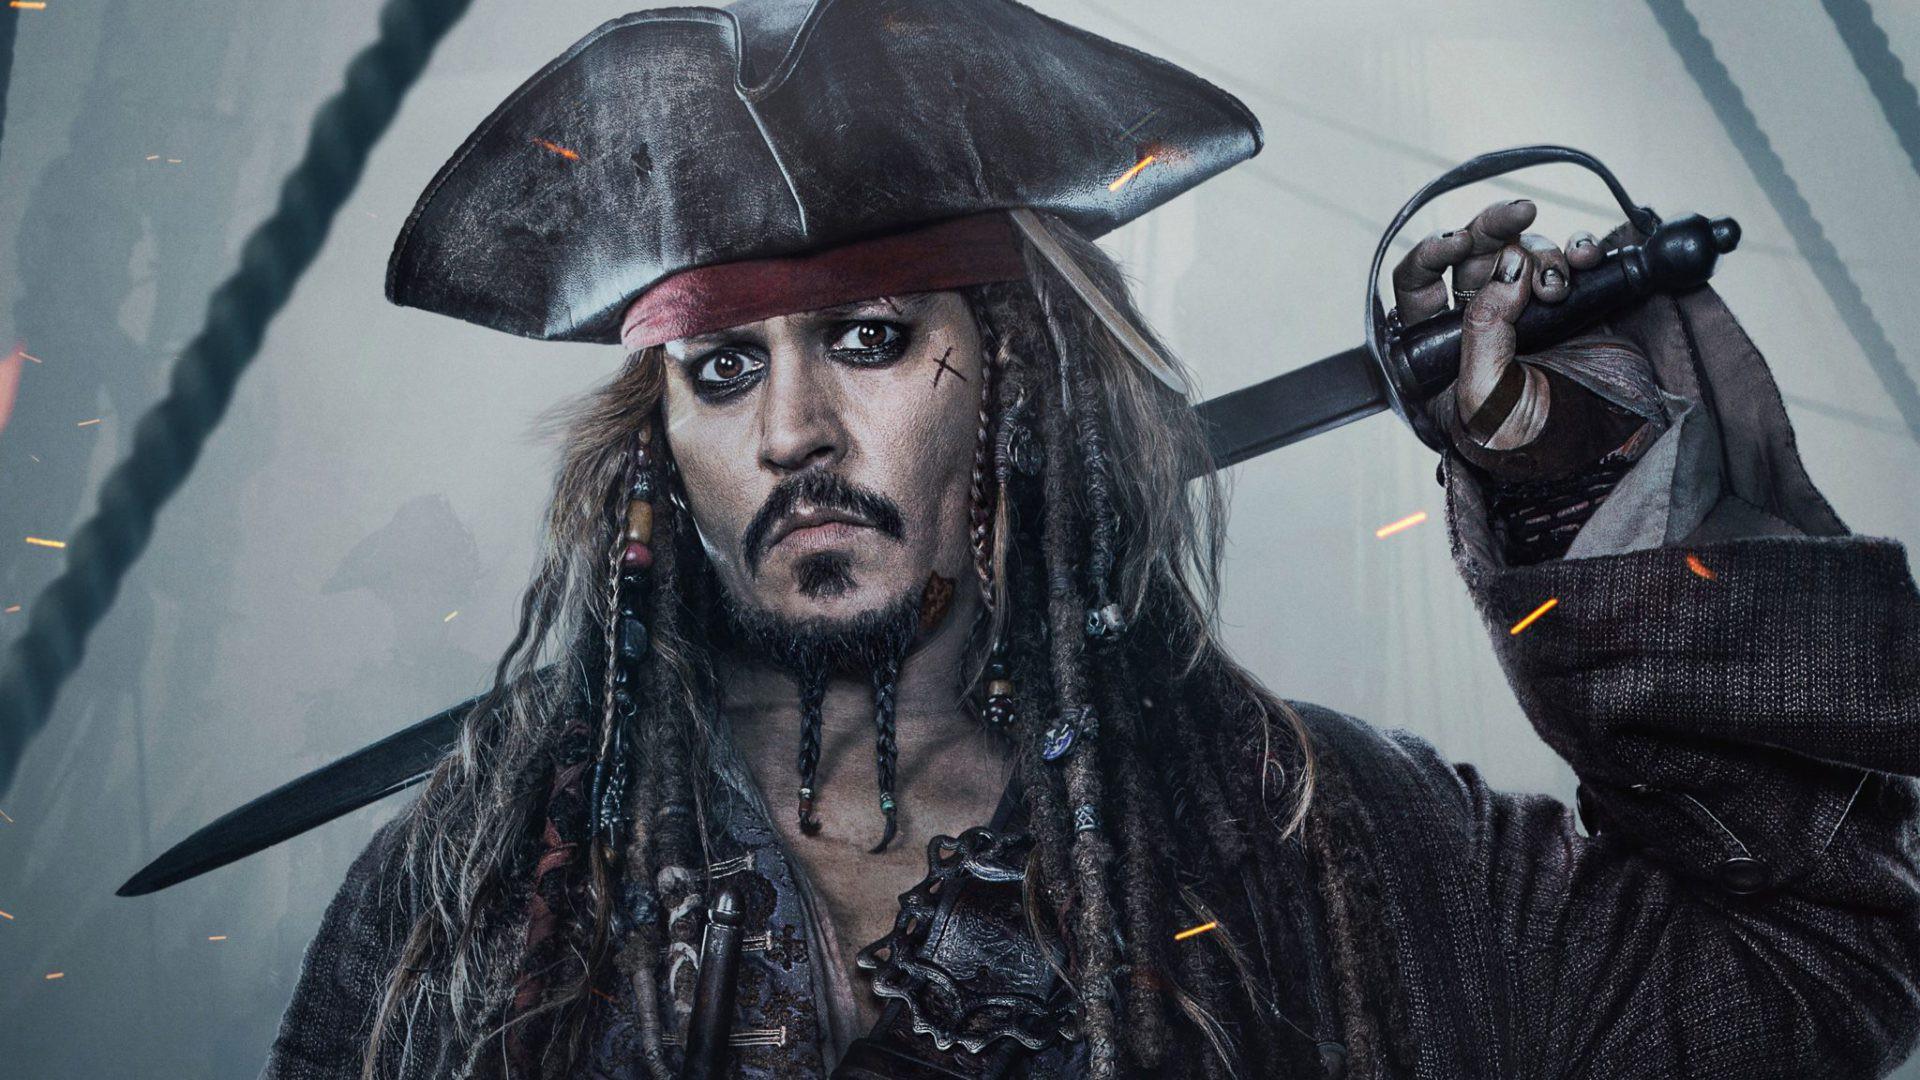 Fluch Der Karibik Wallpaper - Jack Sparrow , HD Wallpaper & Backgrounds